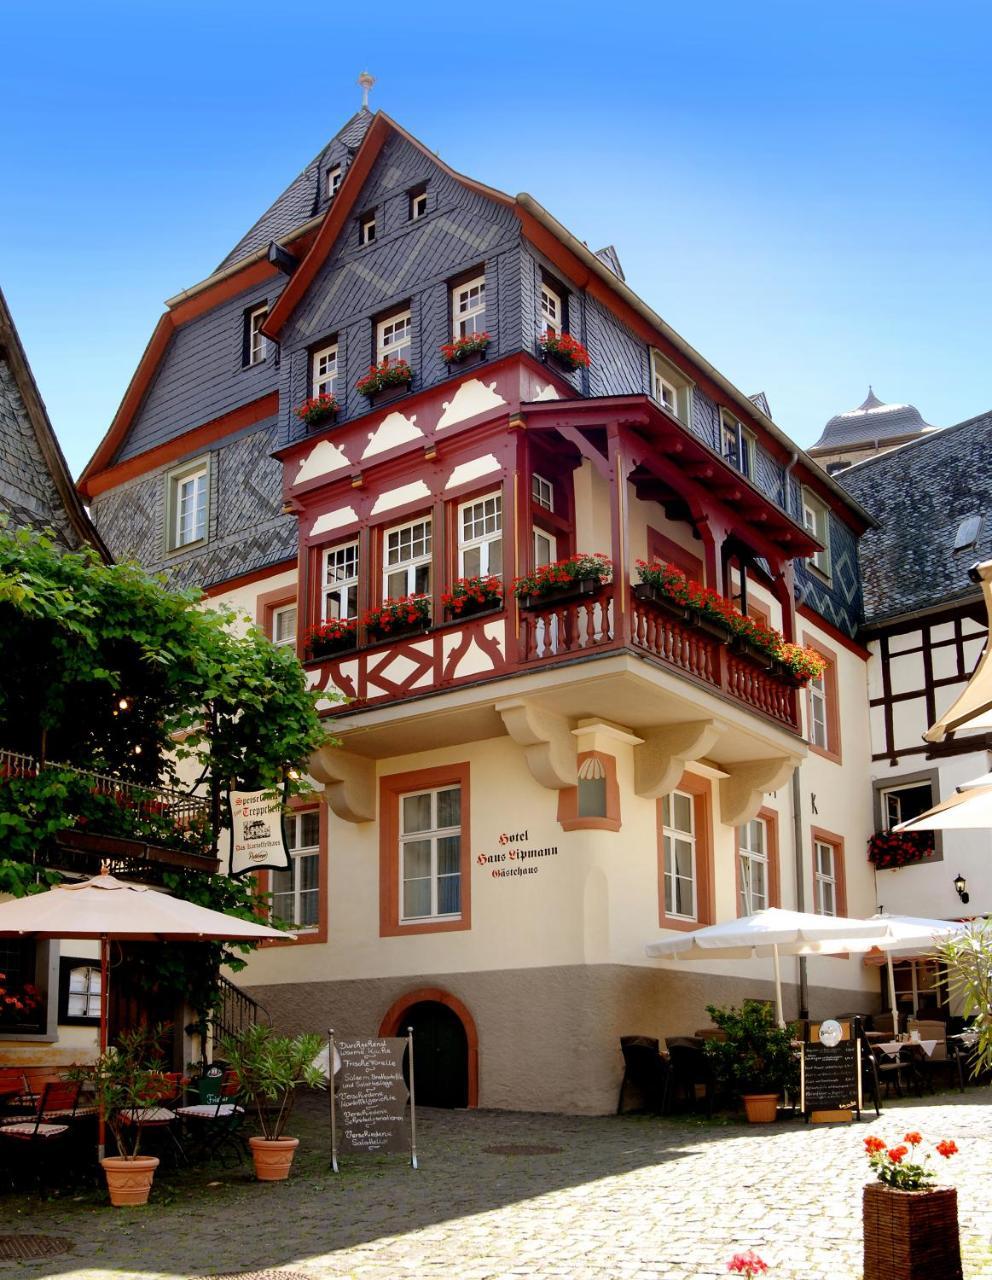 Hotel Haus Lipmann Beilstein Moezel